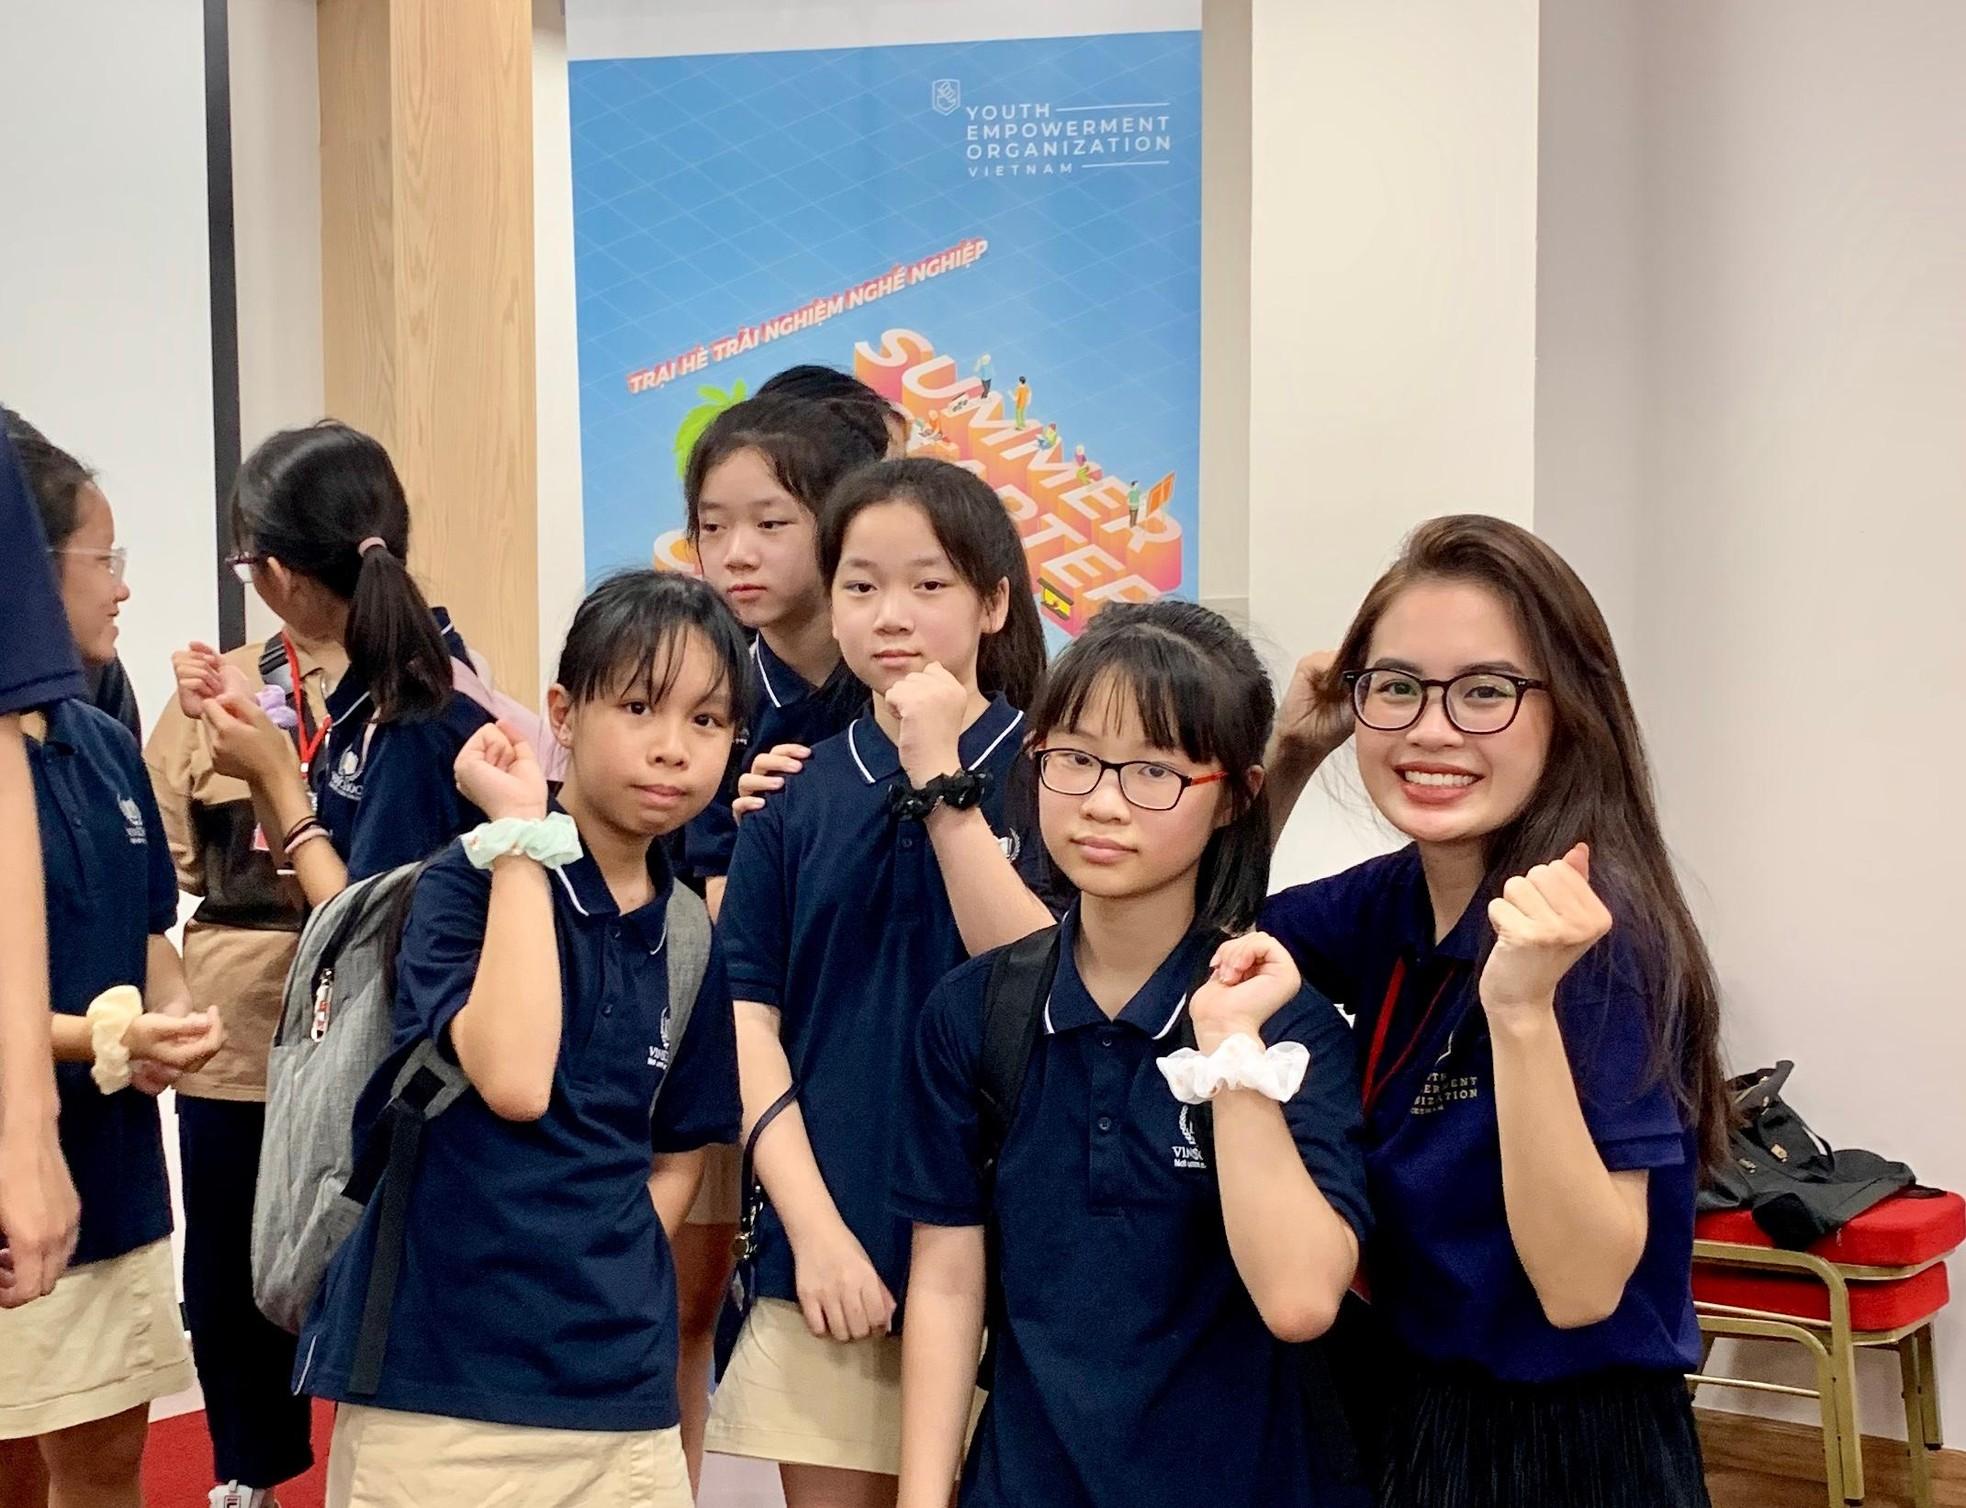 Nữ sinh Báo chí tài năng với tâm huyết xây dựng dự án giáo dục hướng nghiệp ảnh 4